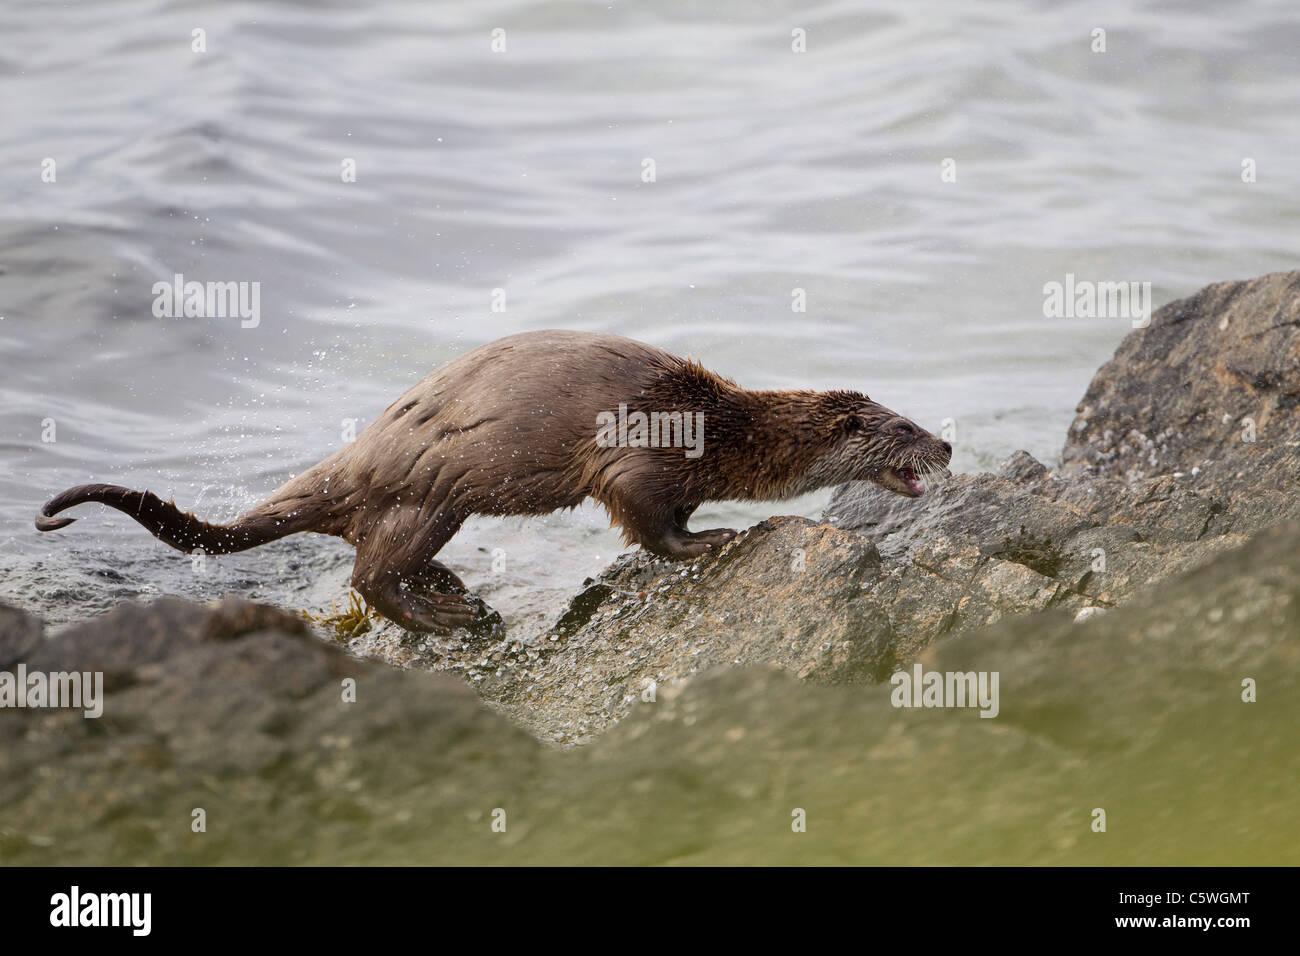 Unione Lontra di fiume (Lutra lutra) agitando l'acqua dal rivestimento sulla costa rocciosa. Shetland Scozia, Gran Bretagna. Foto Stock